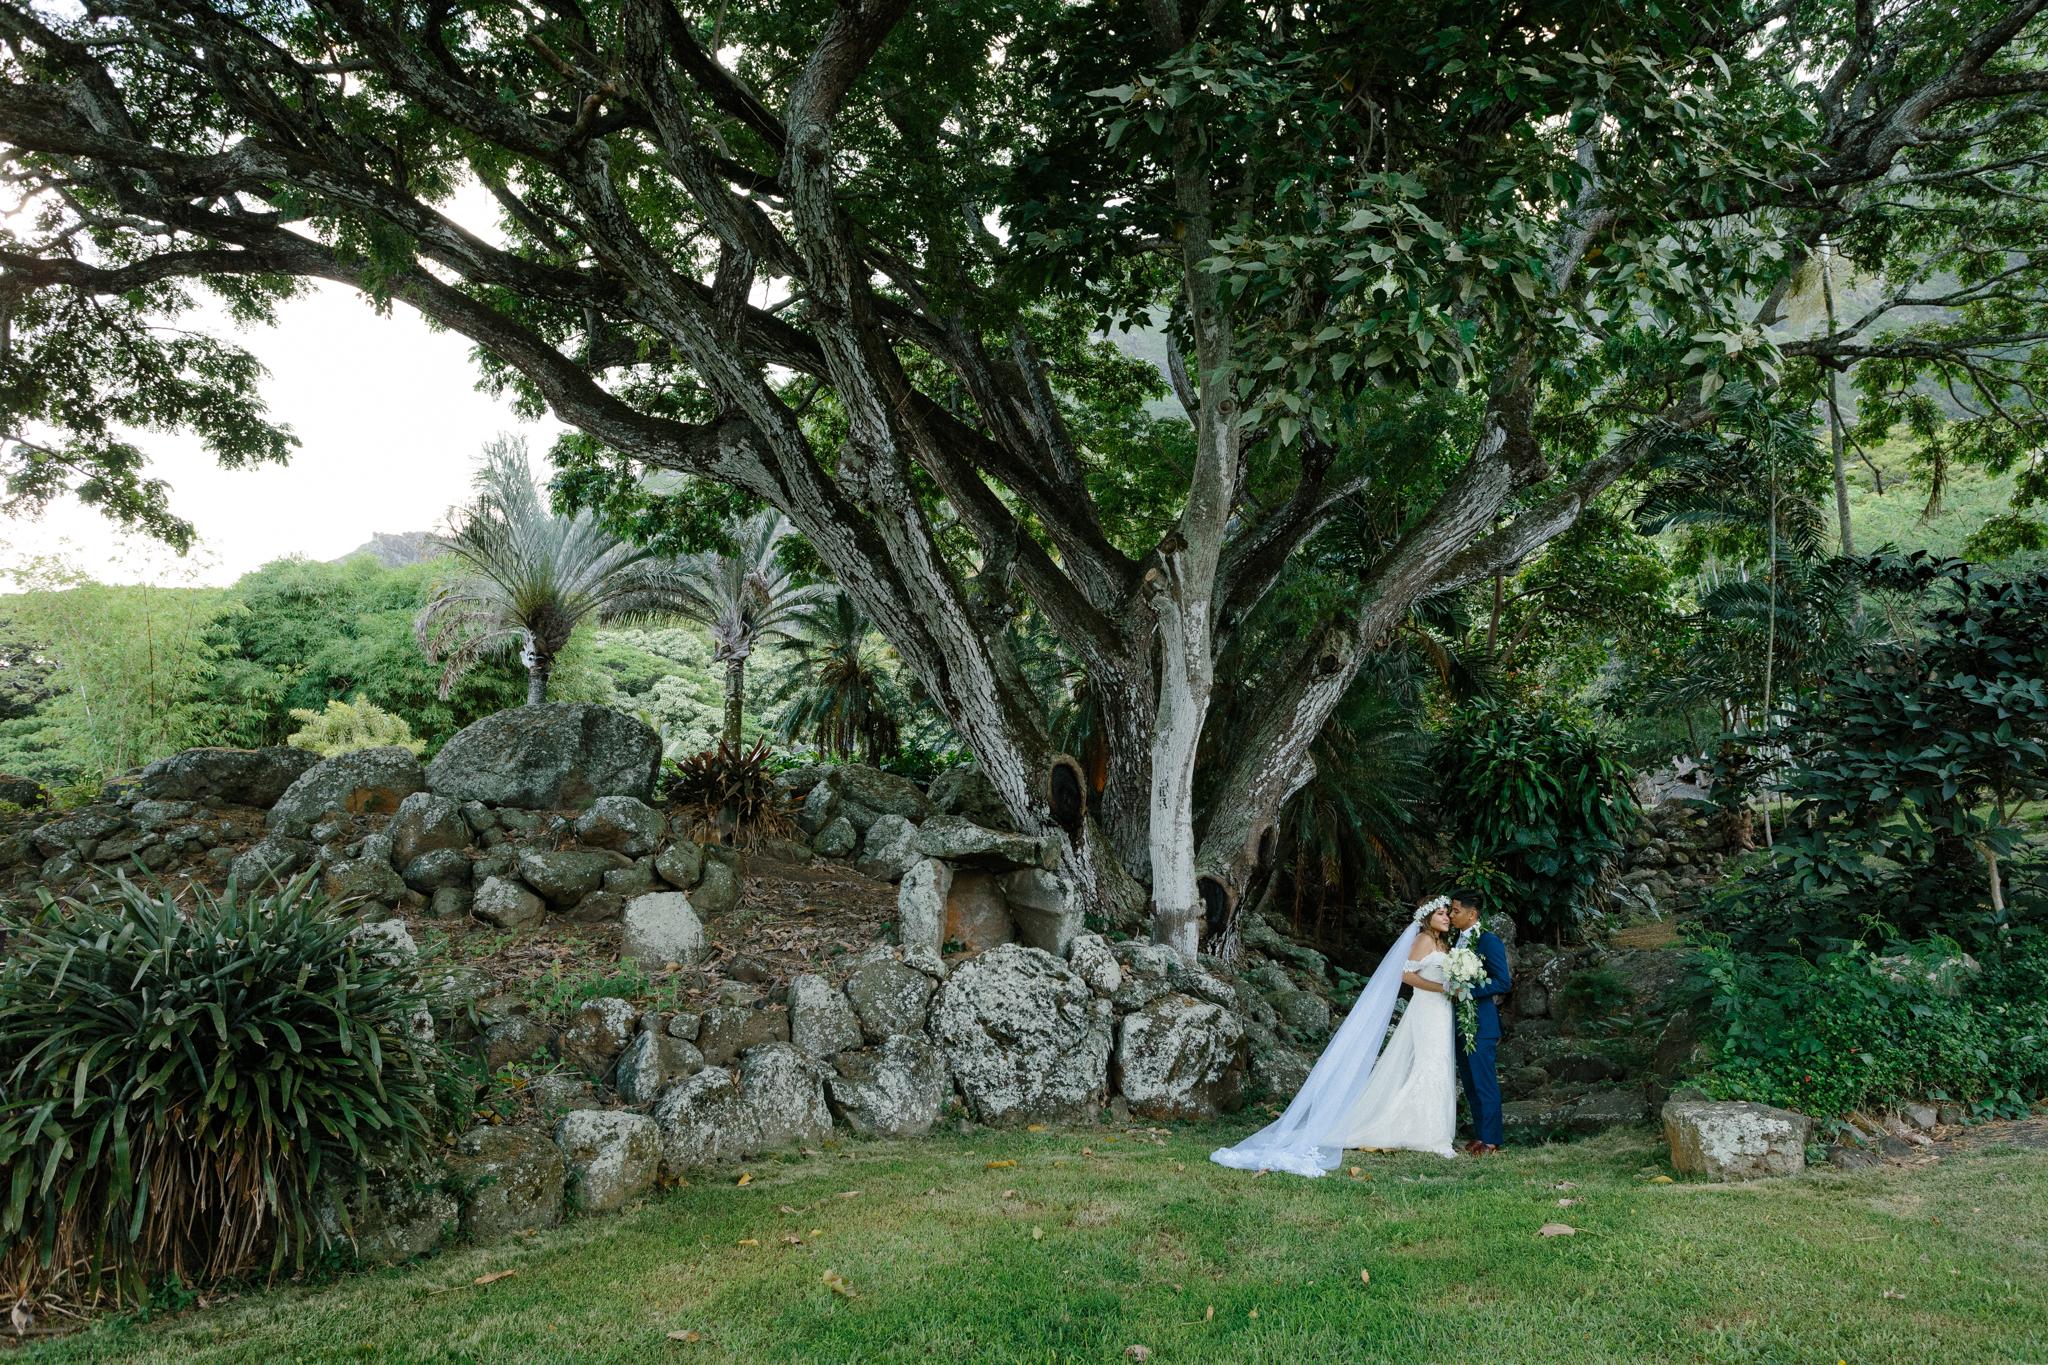 kualoa_ranch_wedding_photography_tone_hawaii-69.jpg